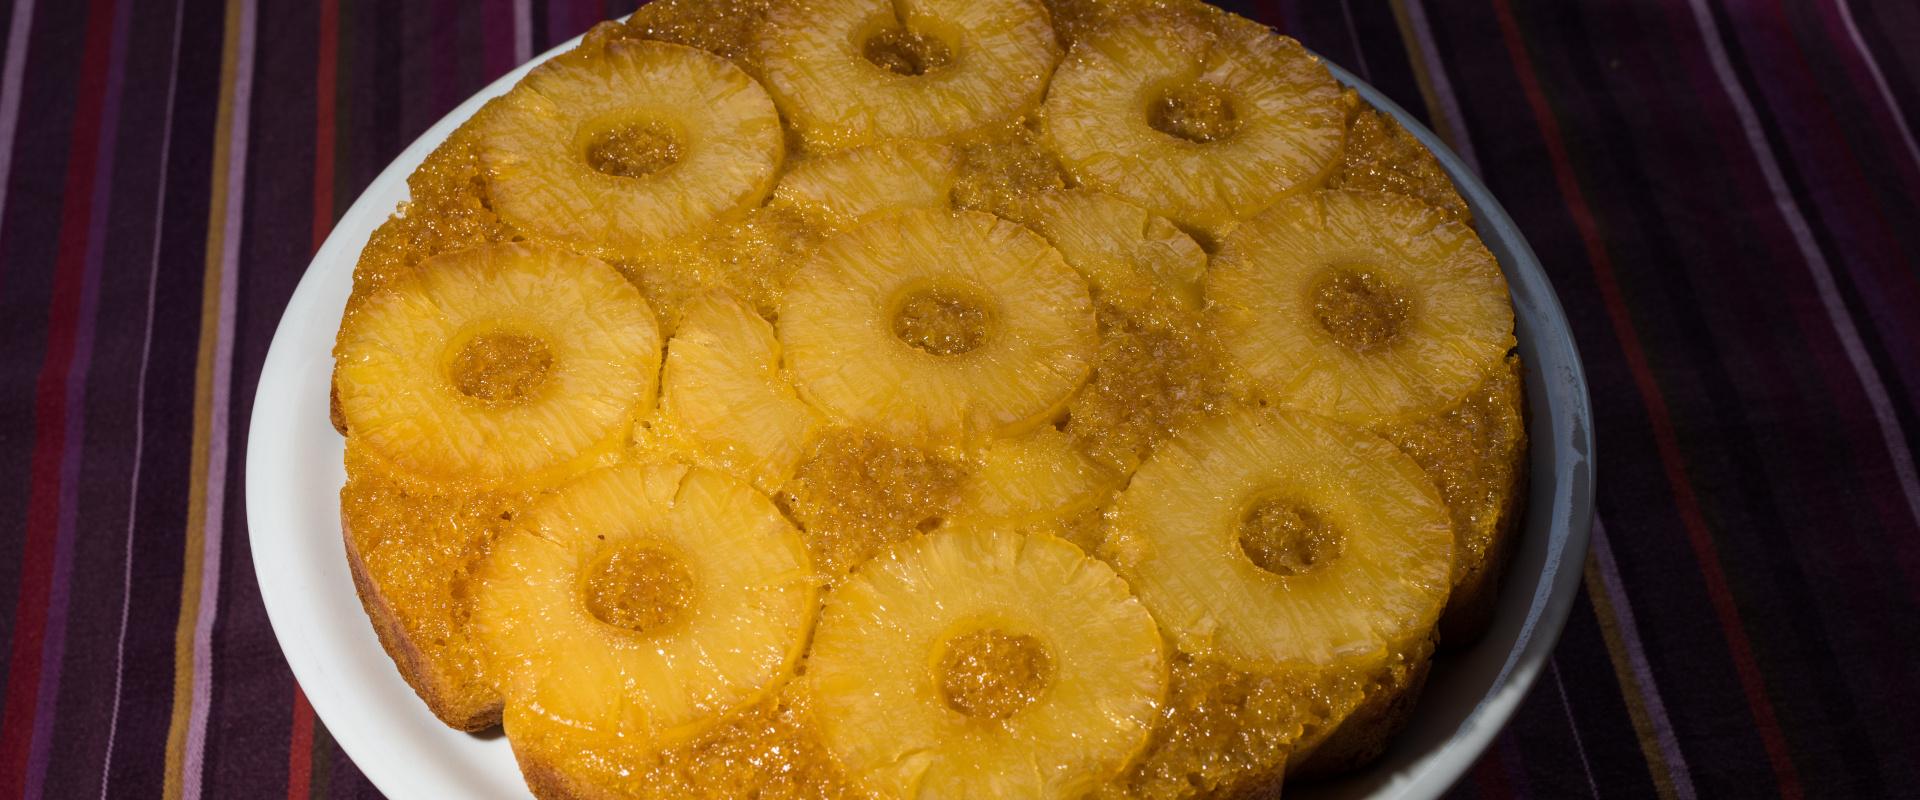 kókuszos ananászos piskóta cover